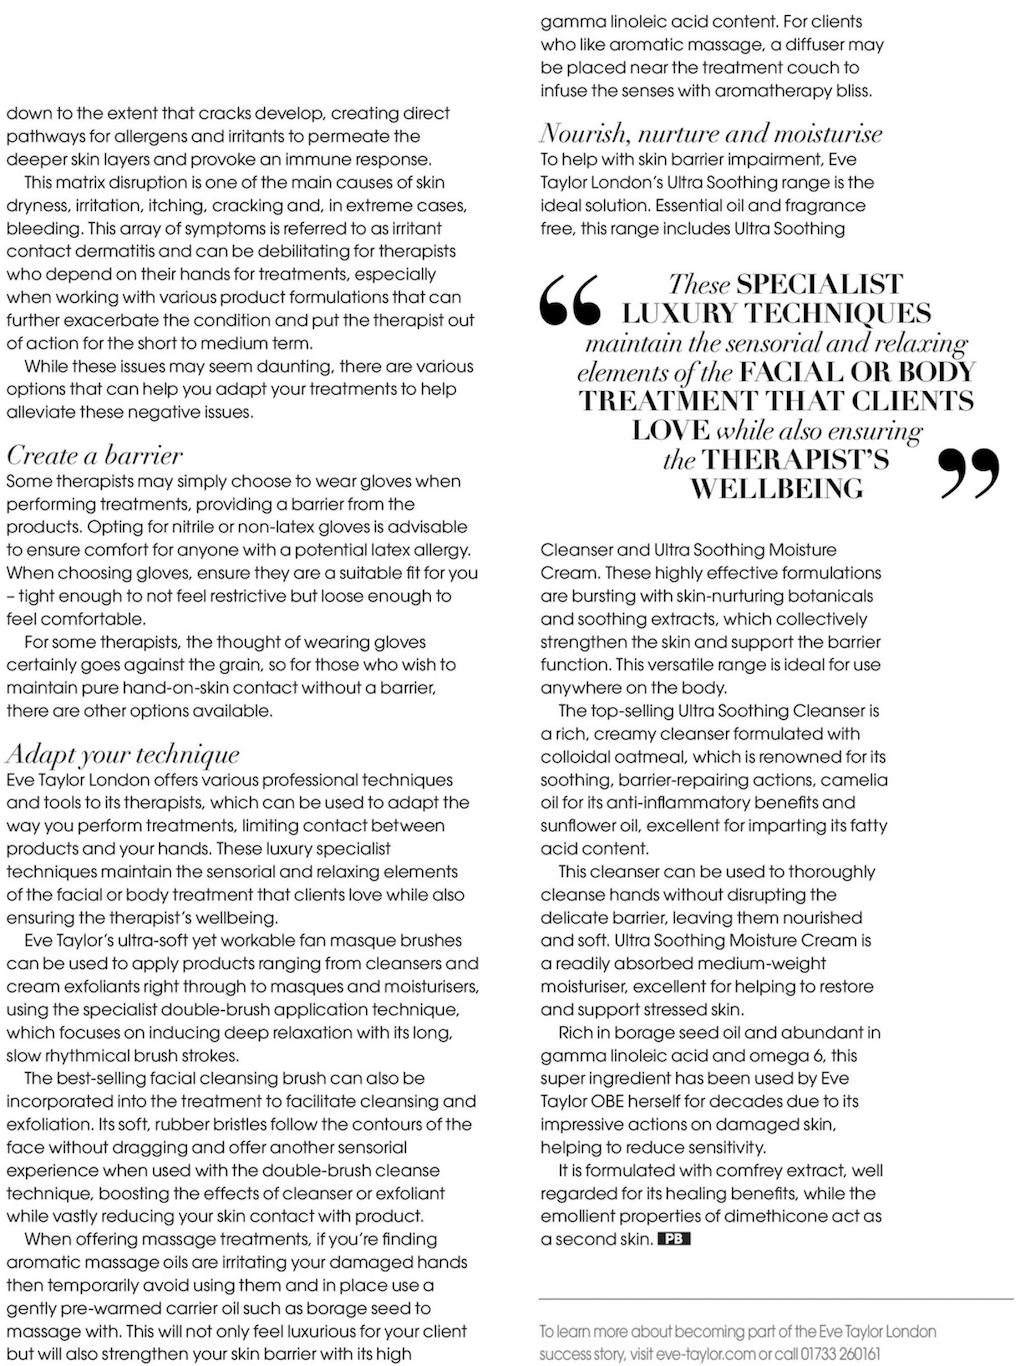 Eve Taylor beauty magazine